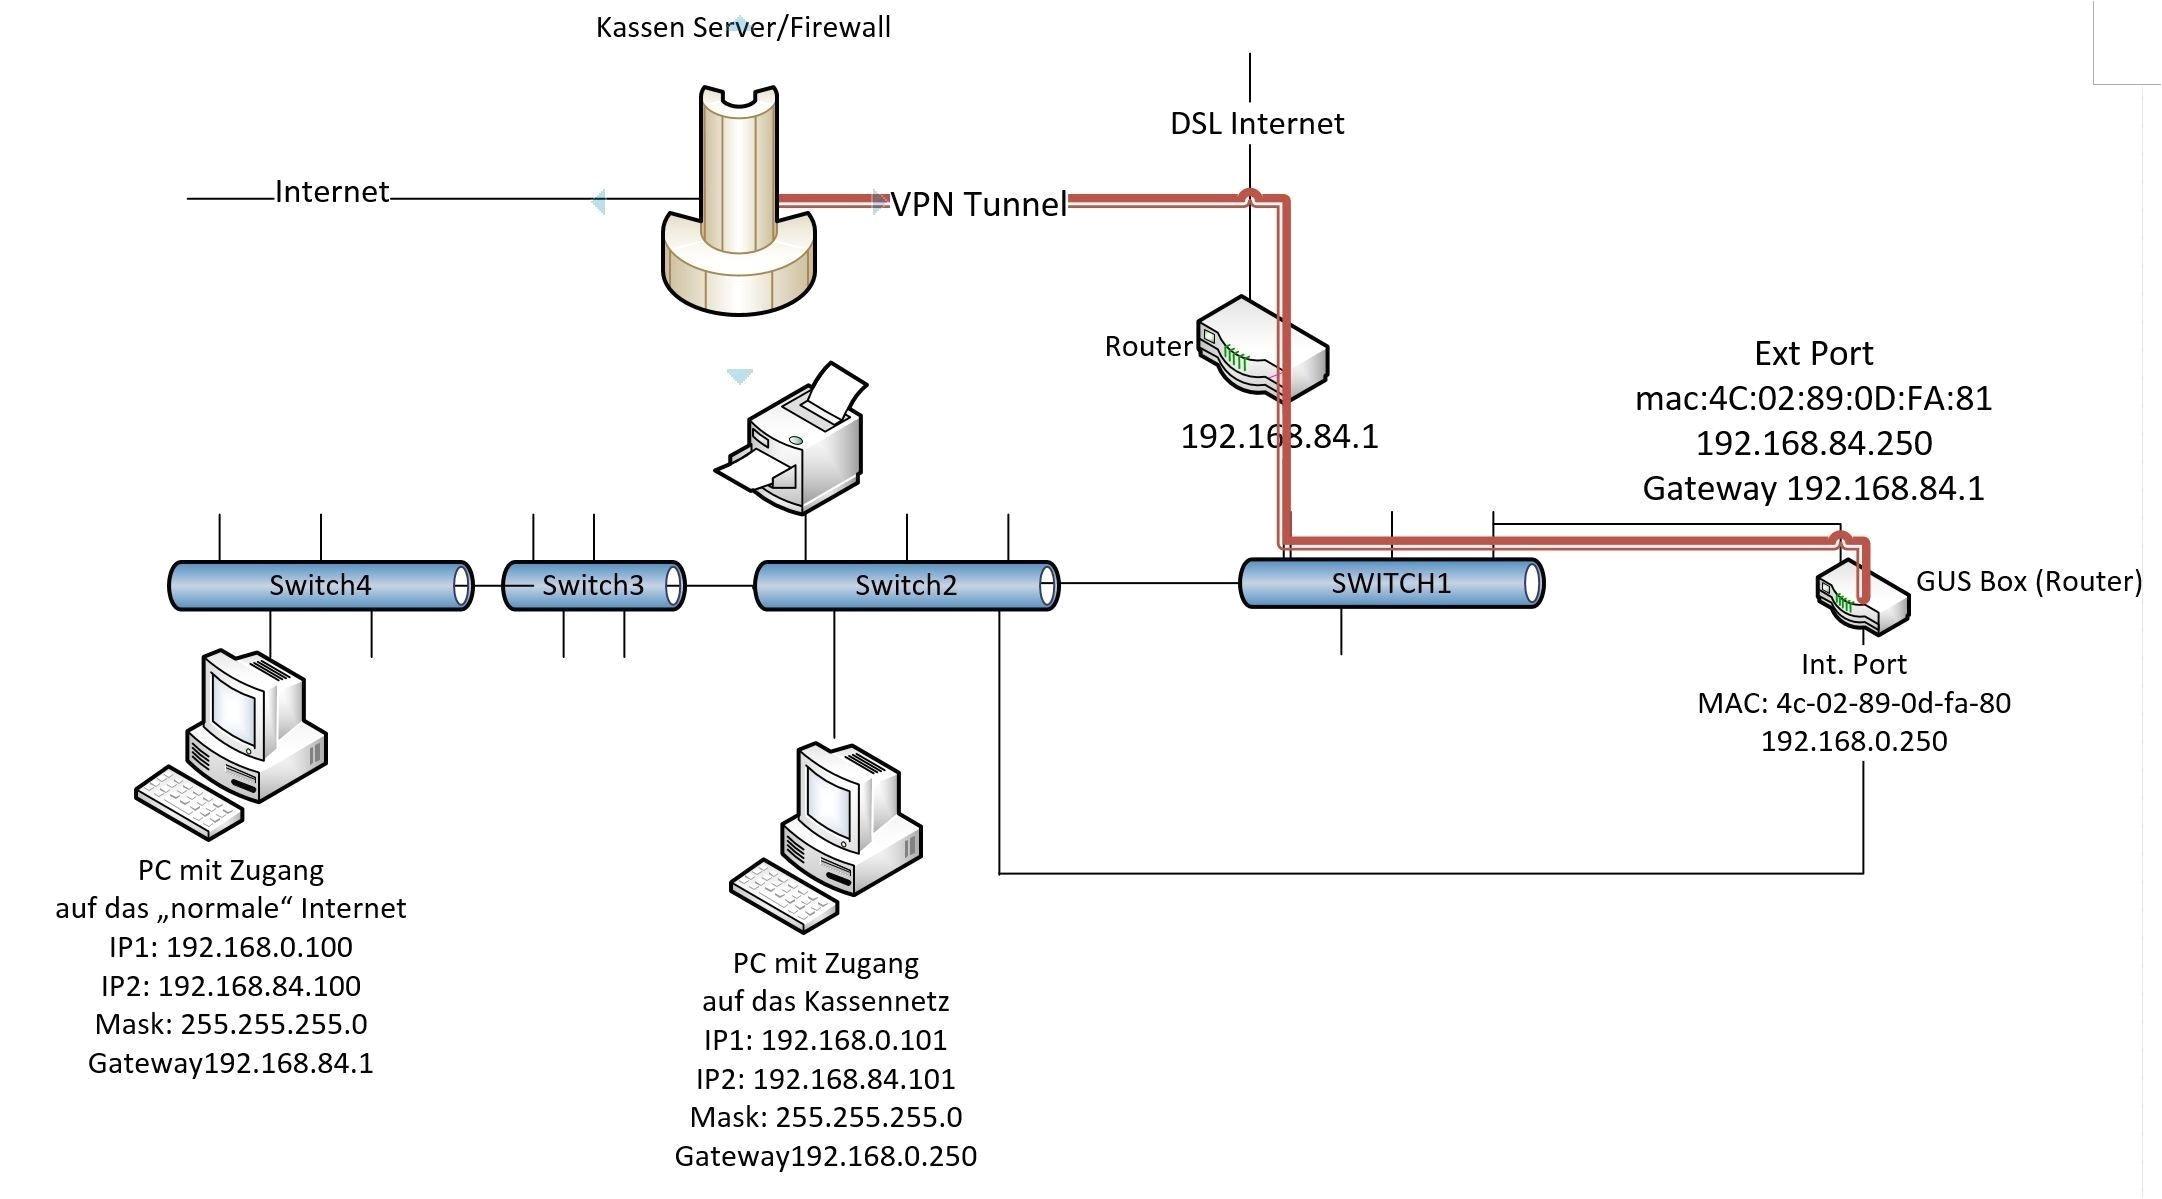 telecaster wiring diagram 2009 universal wiring diagram 3 way switch wiring diagram fender tele b